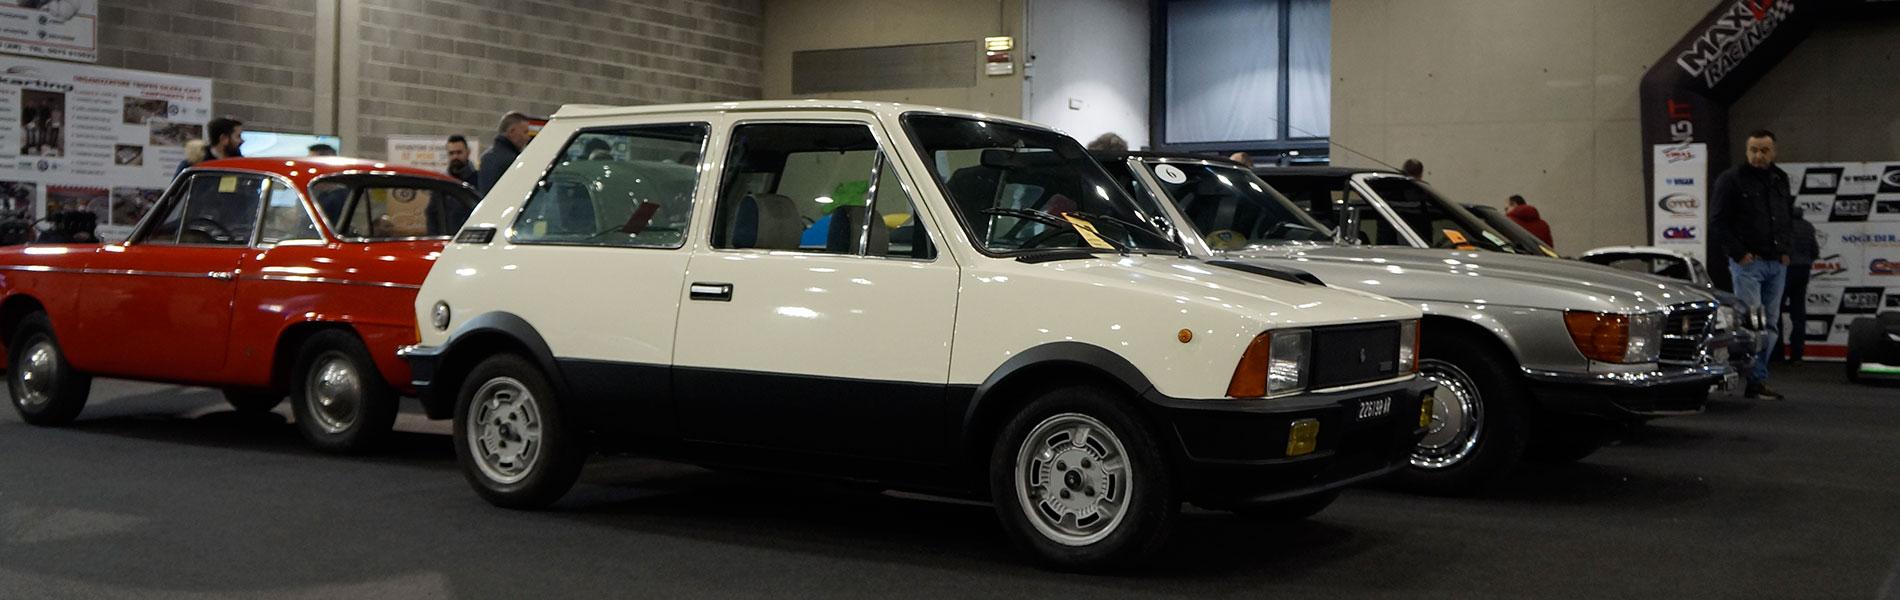 Arezzo Classic Motors - Fiera di Arezzo - 22a edizione